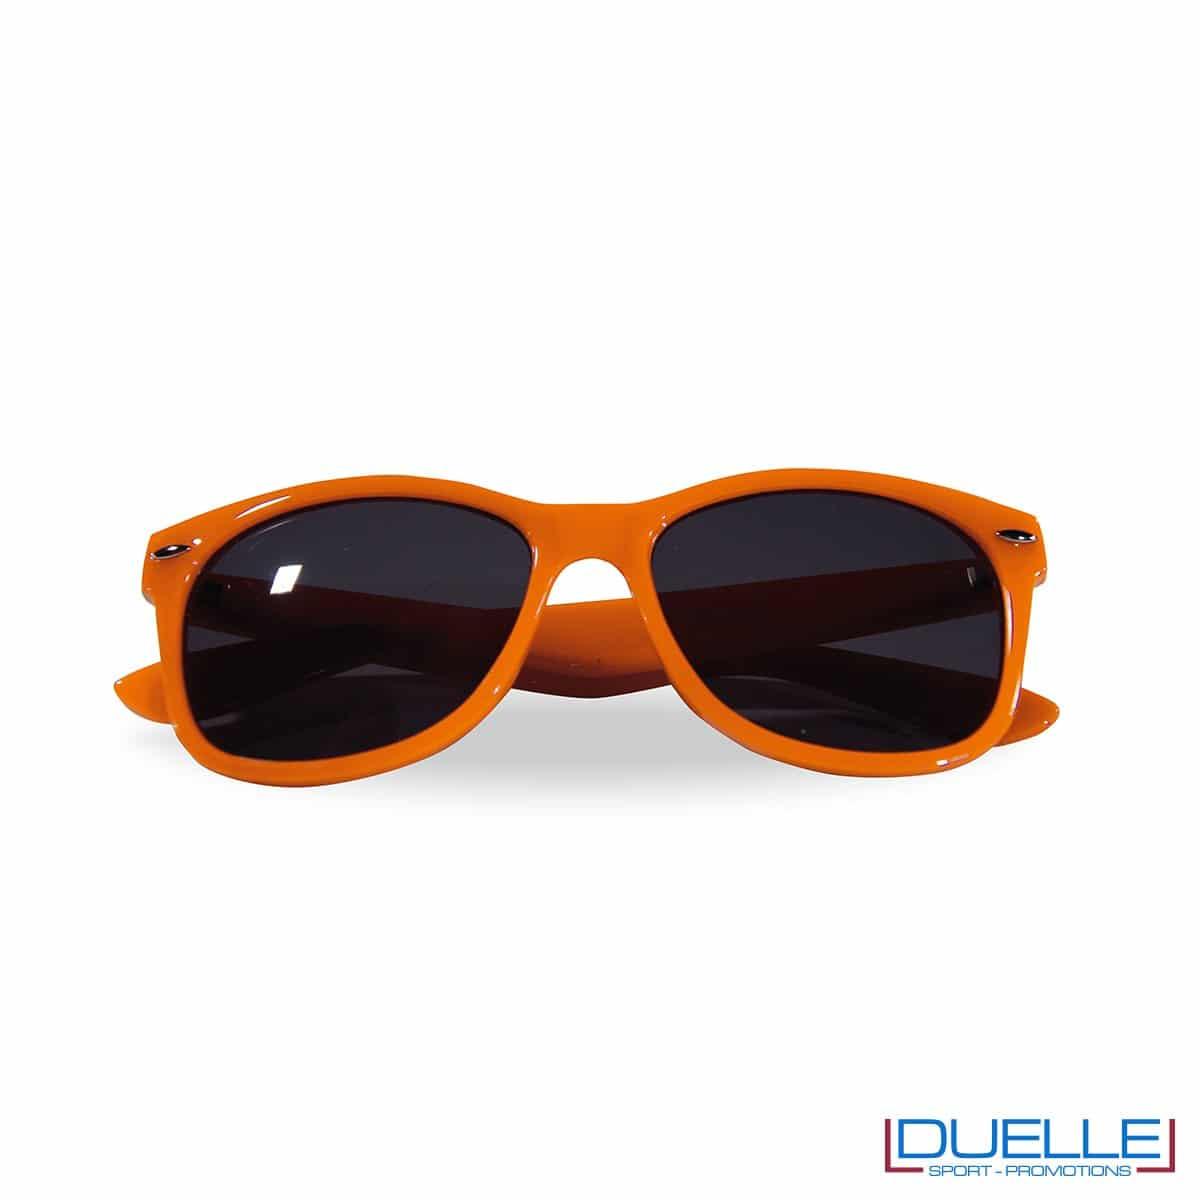 occhiali da sole personalizzati colore rosso, gadget estate personalizzati colore arancione